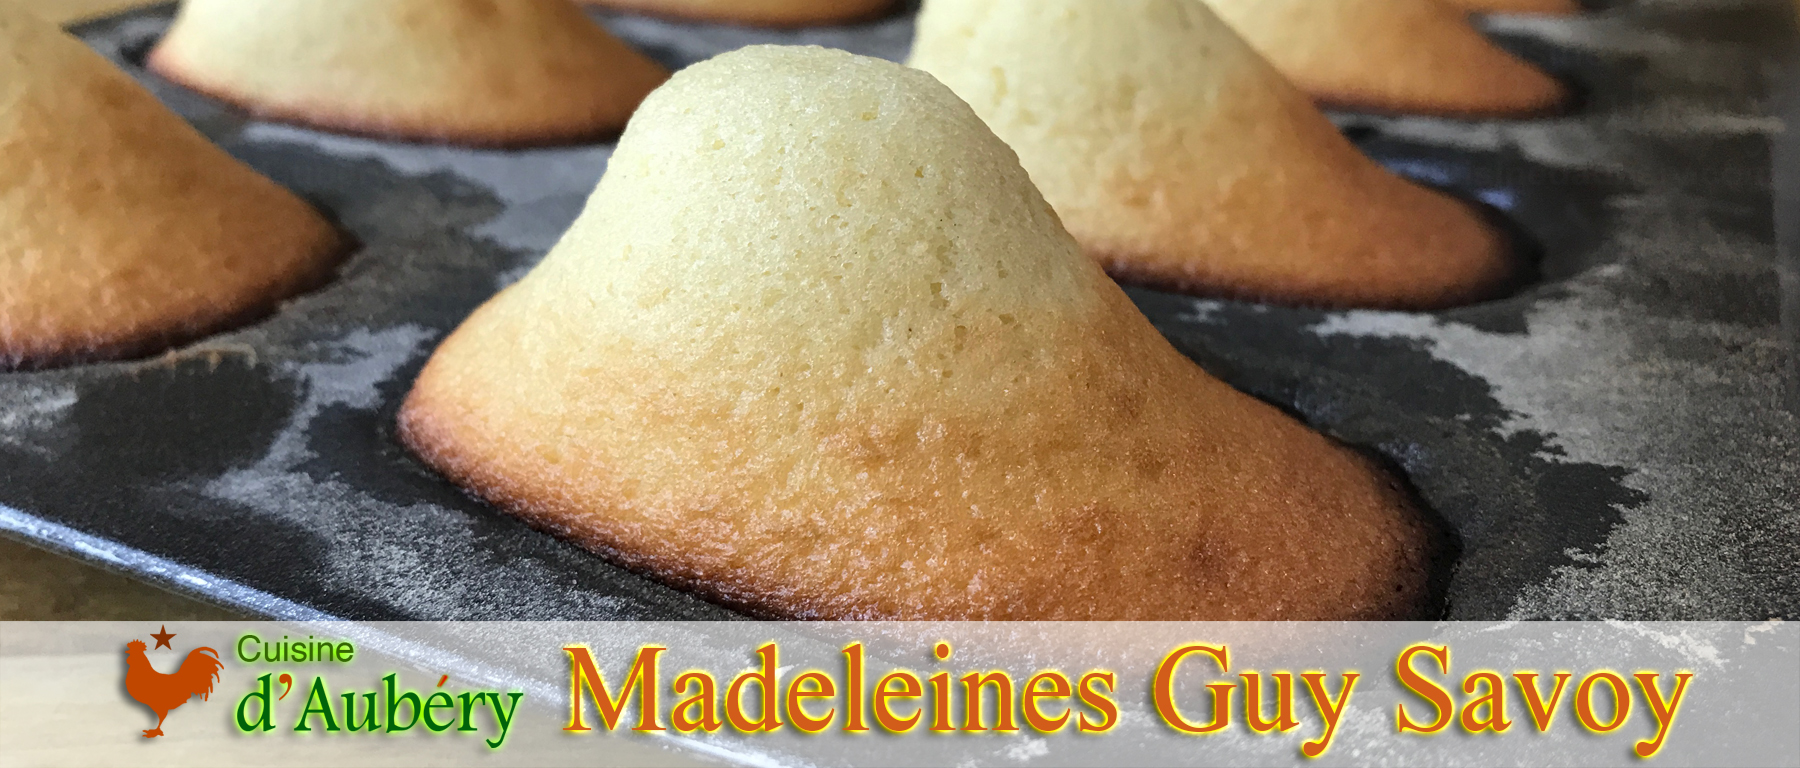 Les madeleines nature, express, et délicieuses de Guy Savoy